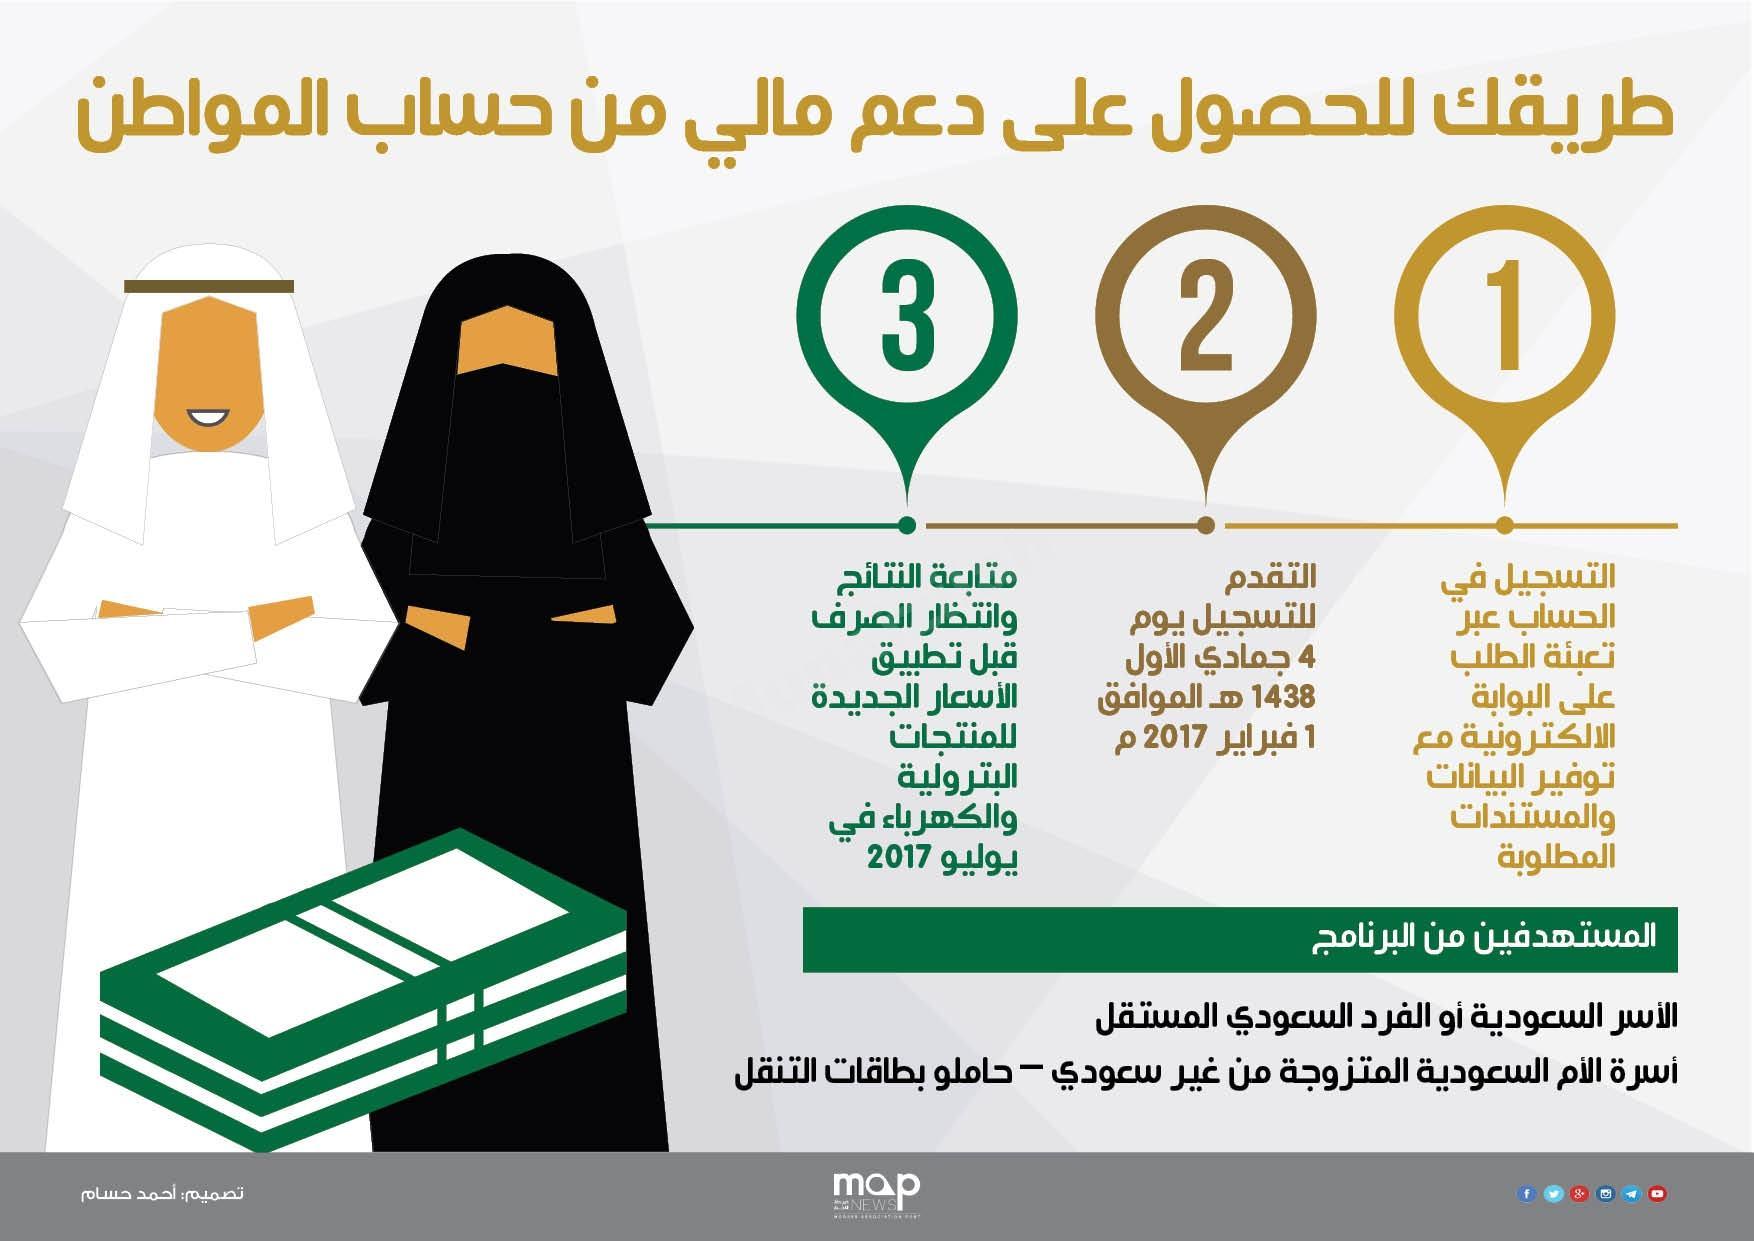 «حساب المواطن» يختار الأسرة لتكون الوحدة الأساسية المستفيدة من الدعم